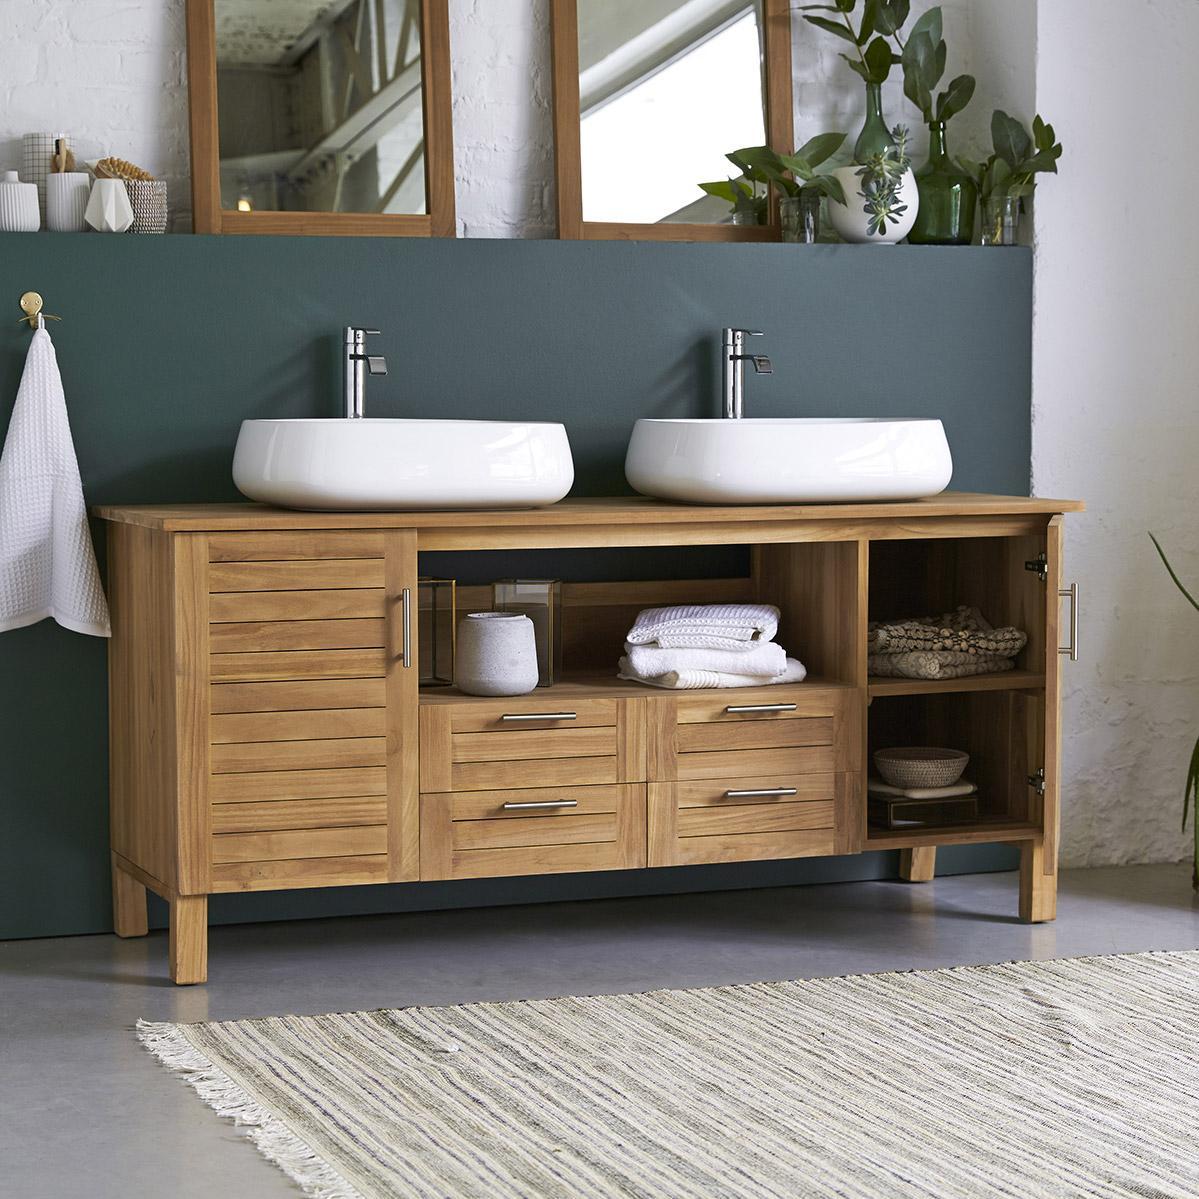 Meuble vasque bois vasque poser vasque 165 cm soho - Meuble salle de bain vasque a poser ...